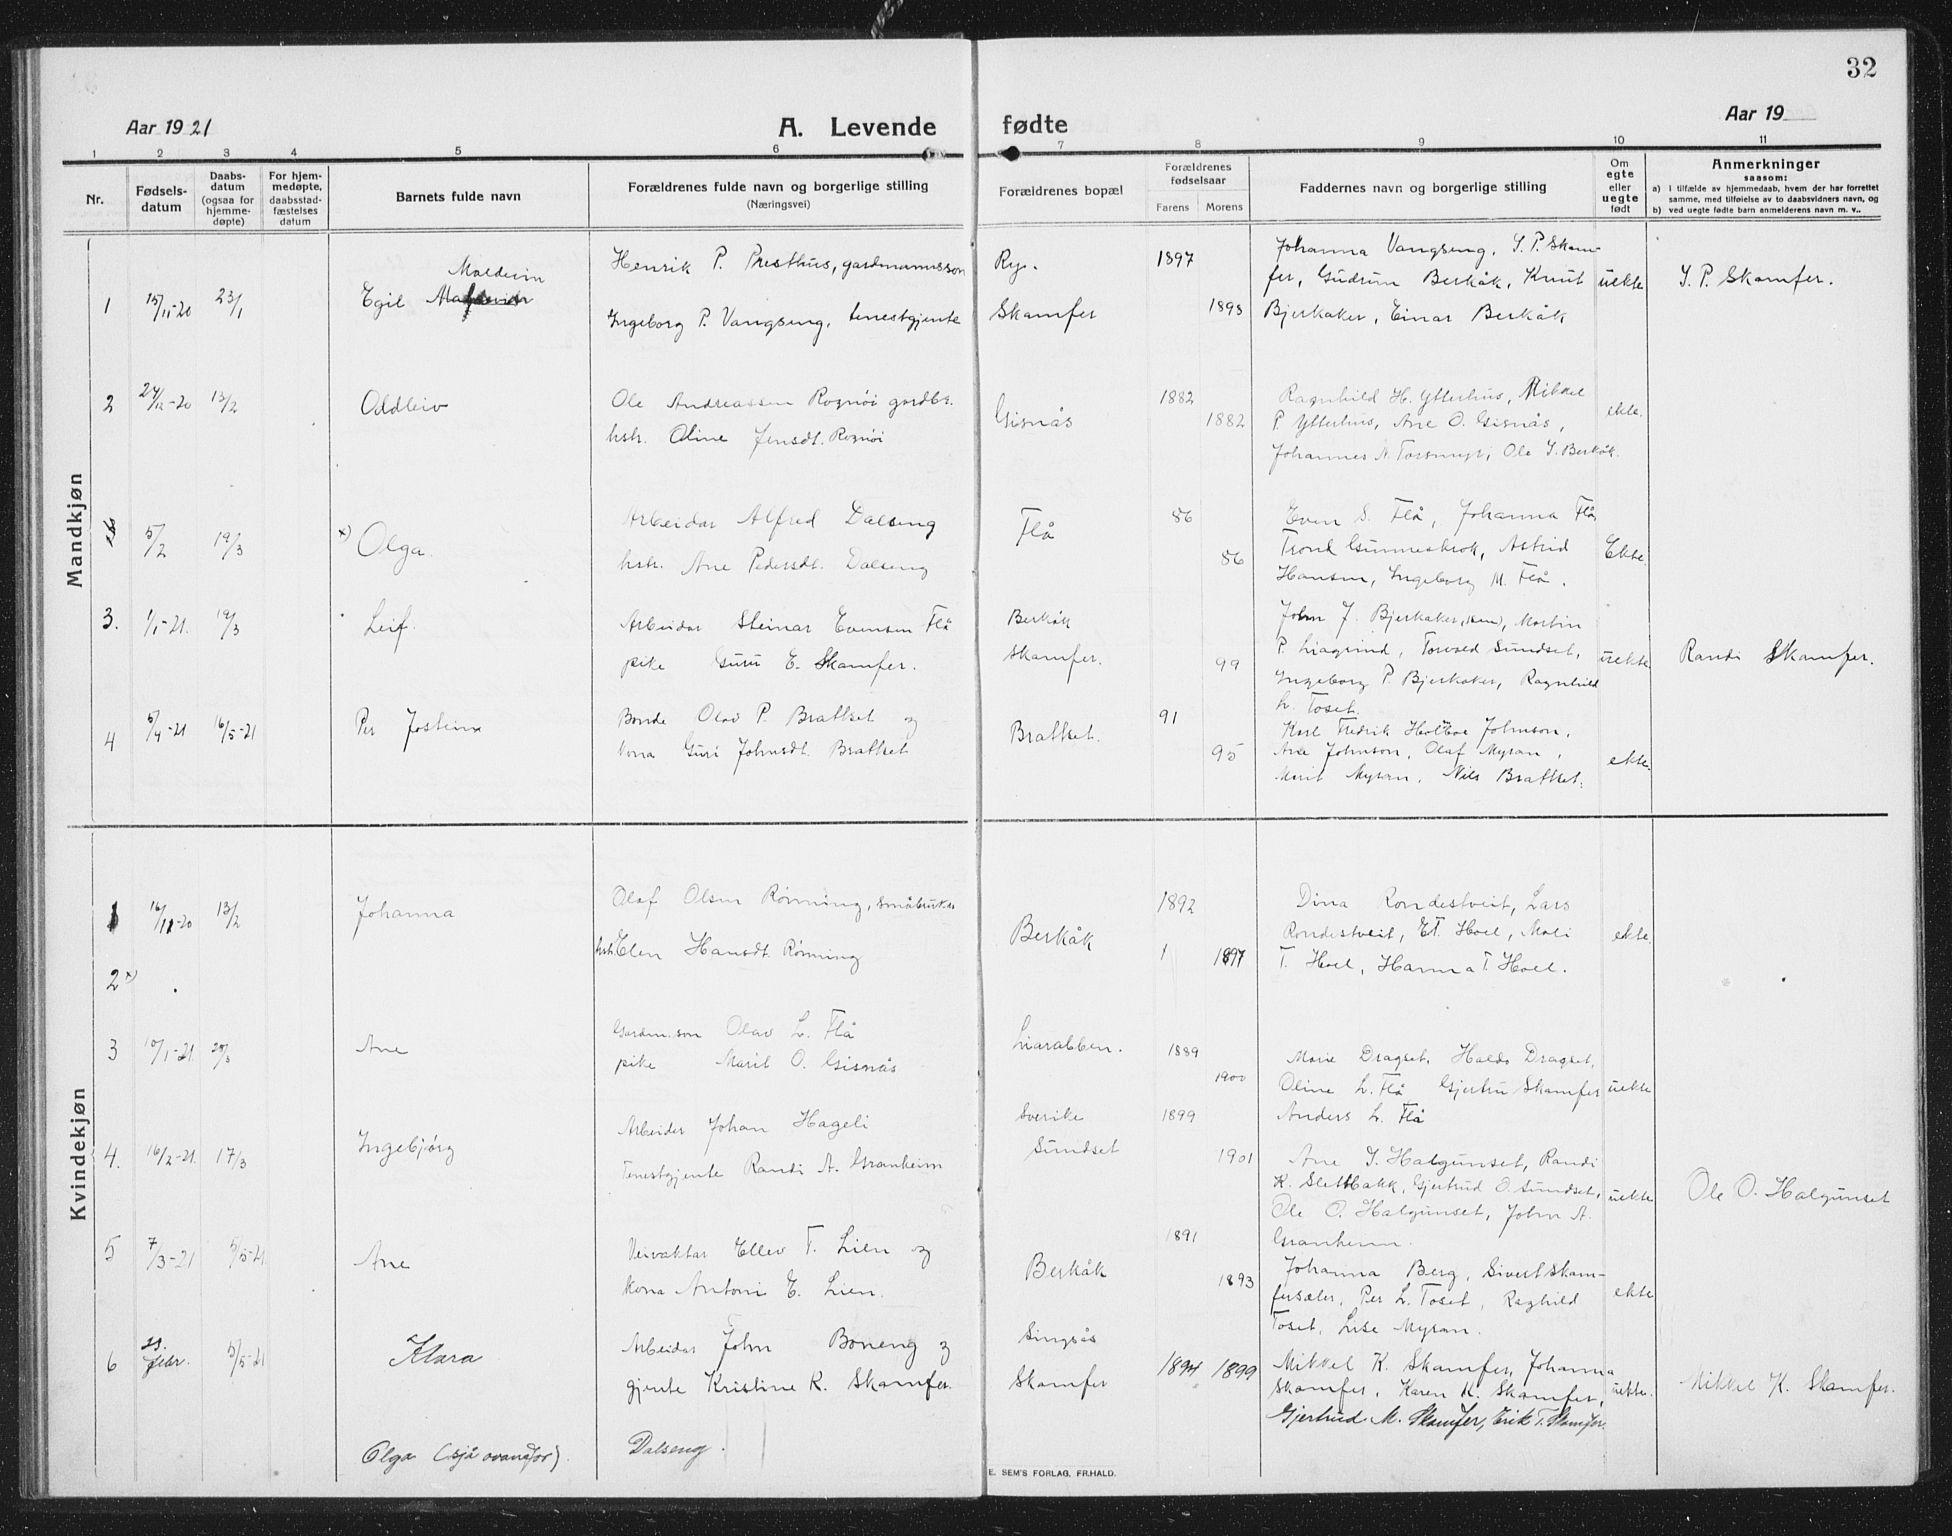 SAT, Ministerialprotokoller, klokkerbøker og fødselsregistre - Sør-Trøndelag, 675/L0888: Klokkerbok nr. 675C01, 1913-1935, s. 32